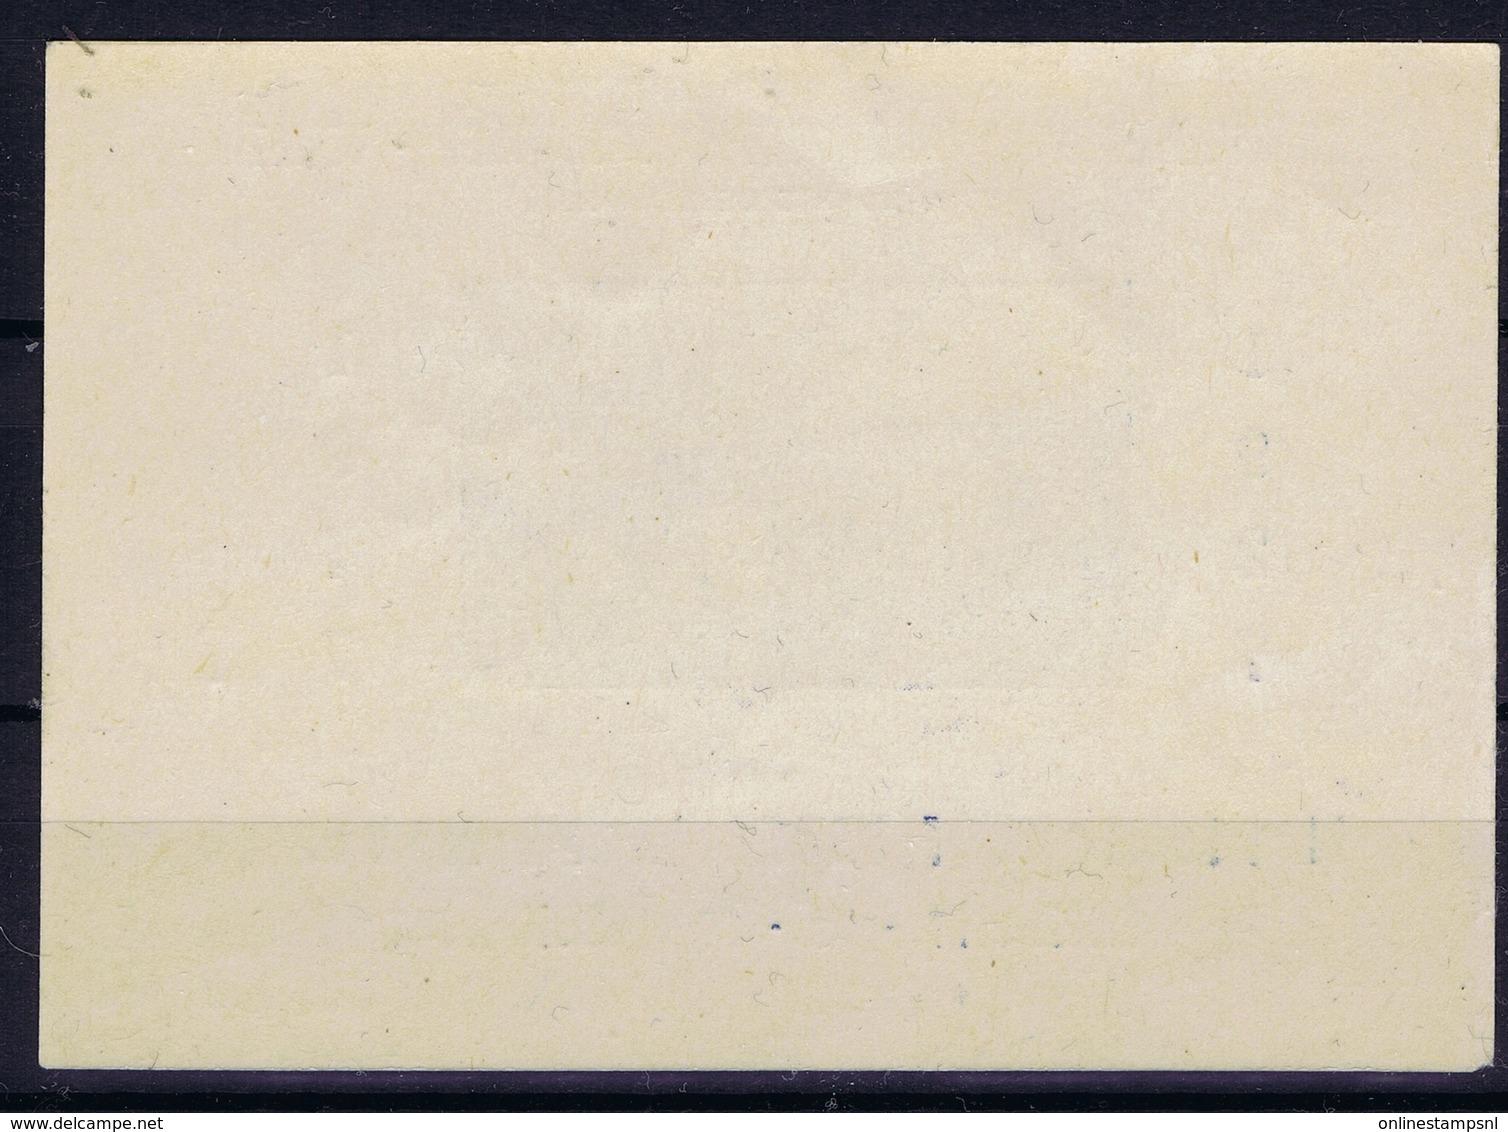 ITALY XX  ANNIVERSARIO DELLACOPPA SCHNIEDER - VENEZIA  1947 - 1900-44 Victor Emmanuel III